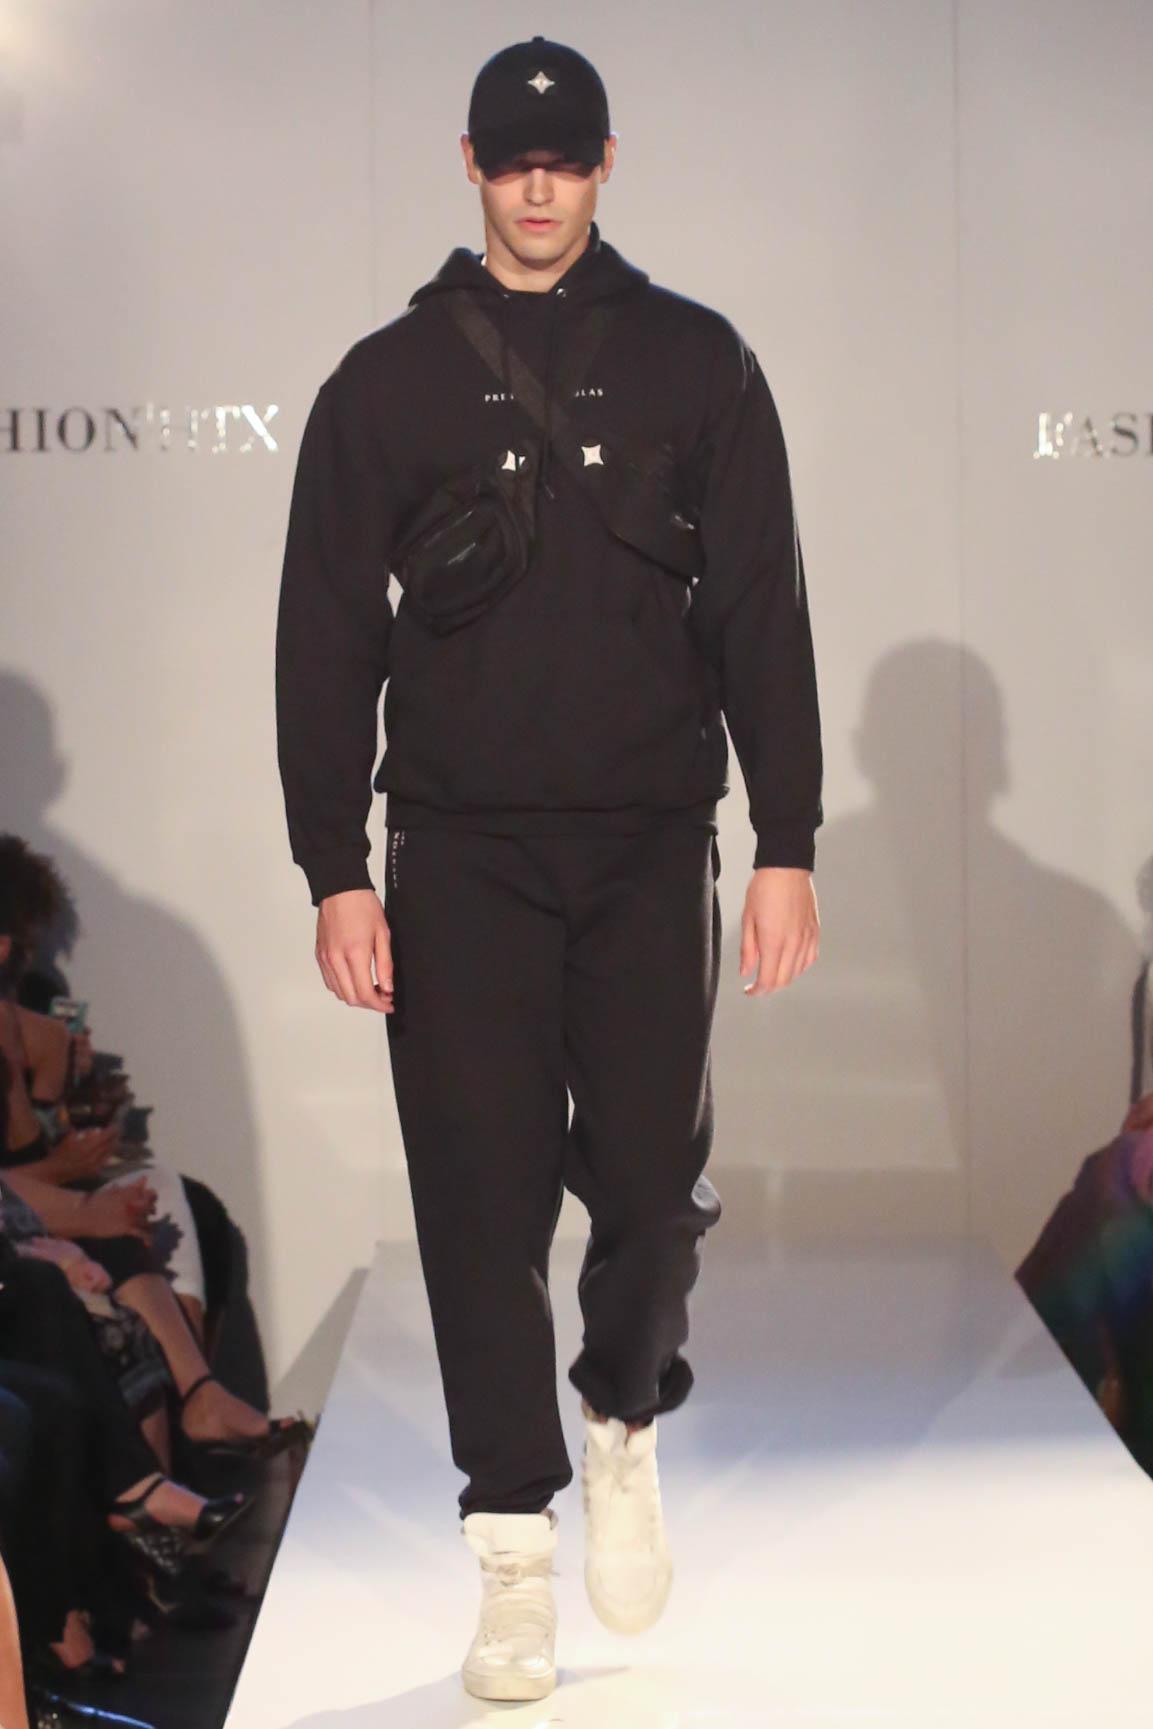 FashionHTX_027.jpg